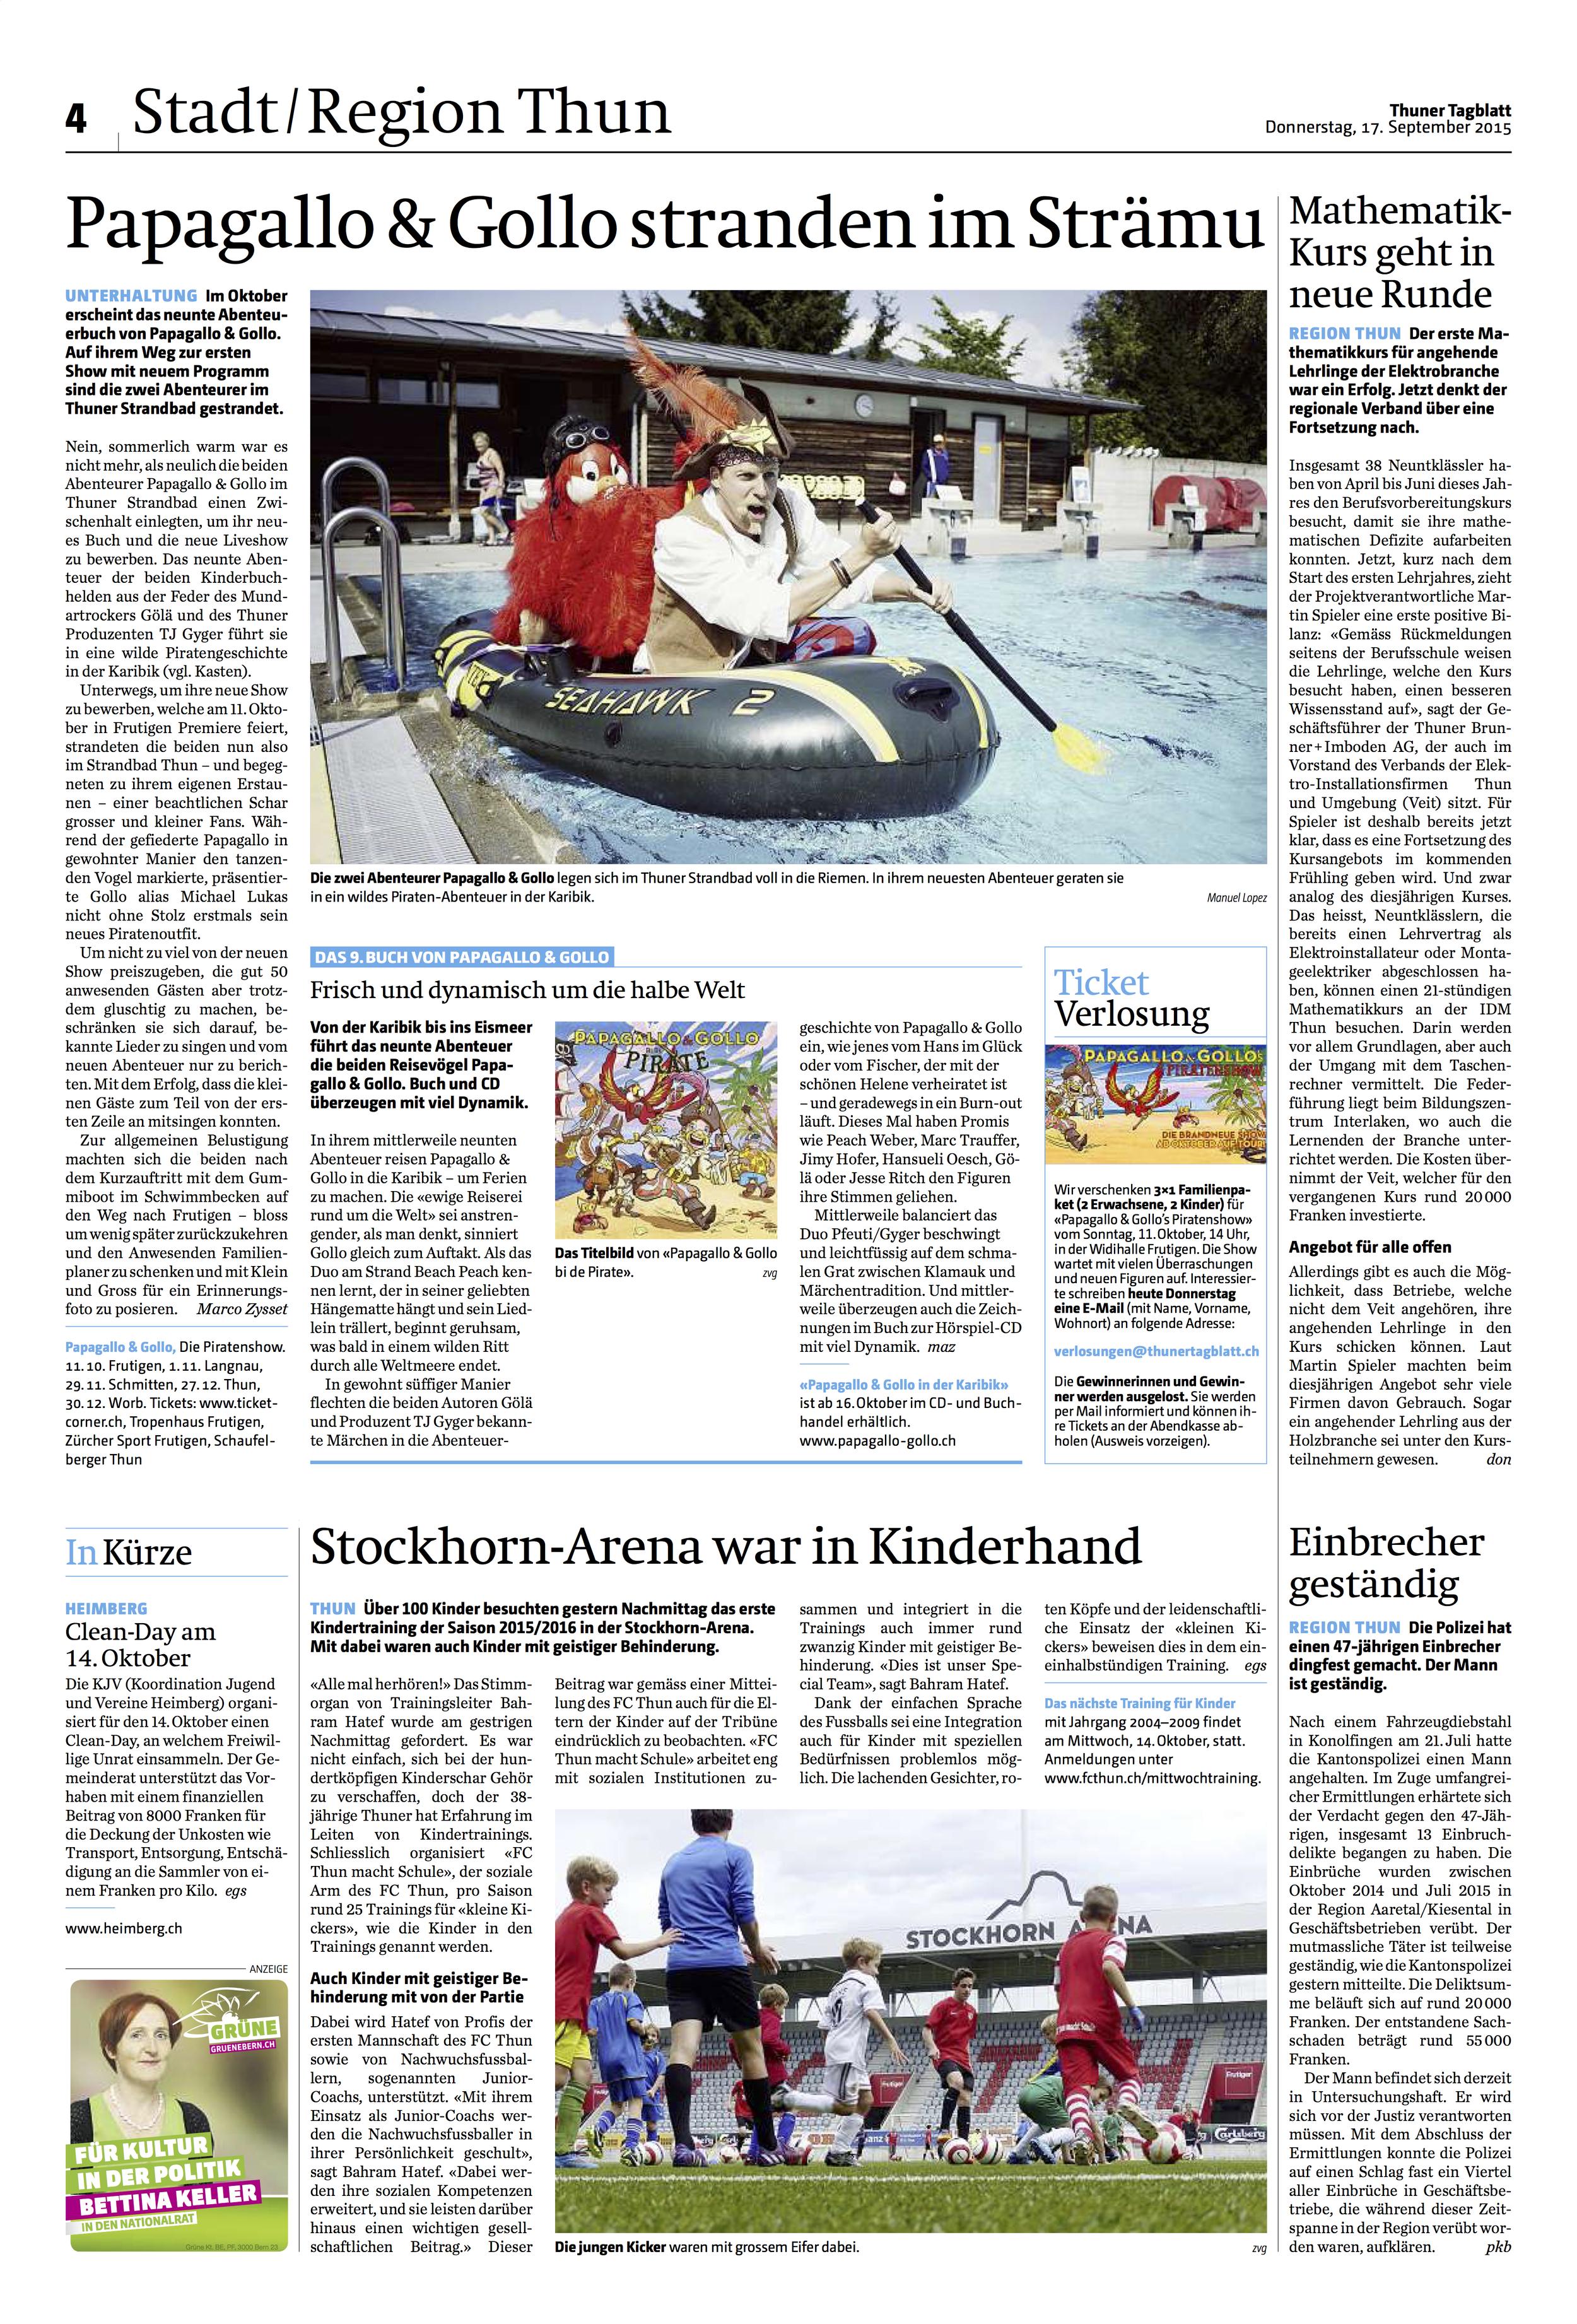 Thuner Tagblatt vom 17.09.2015